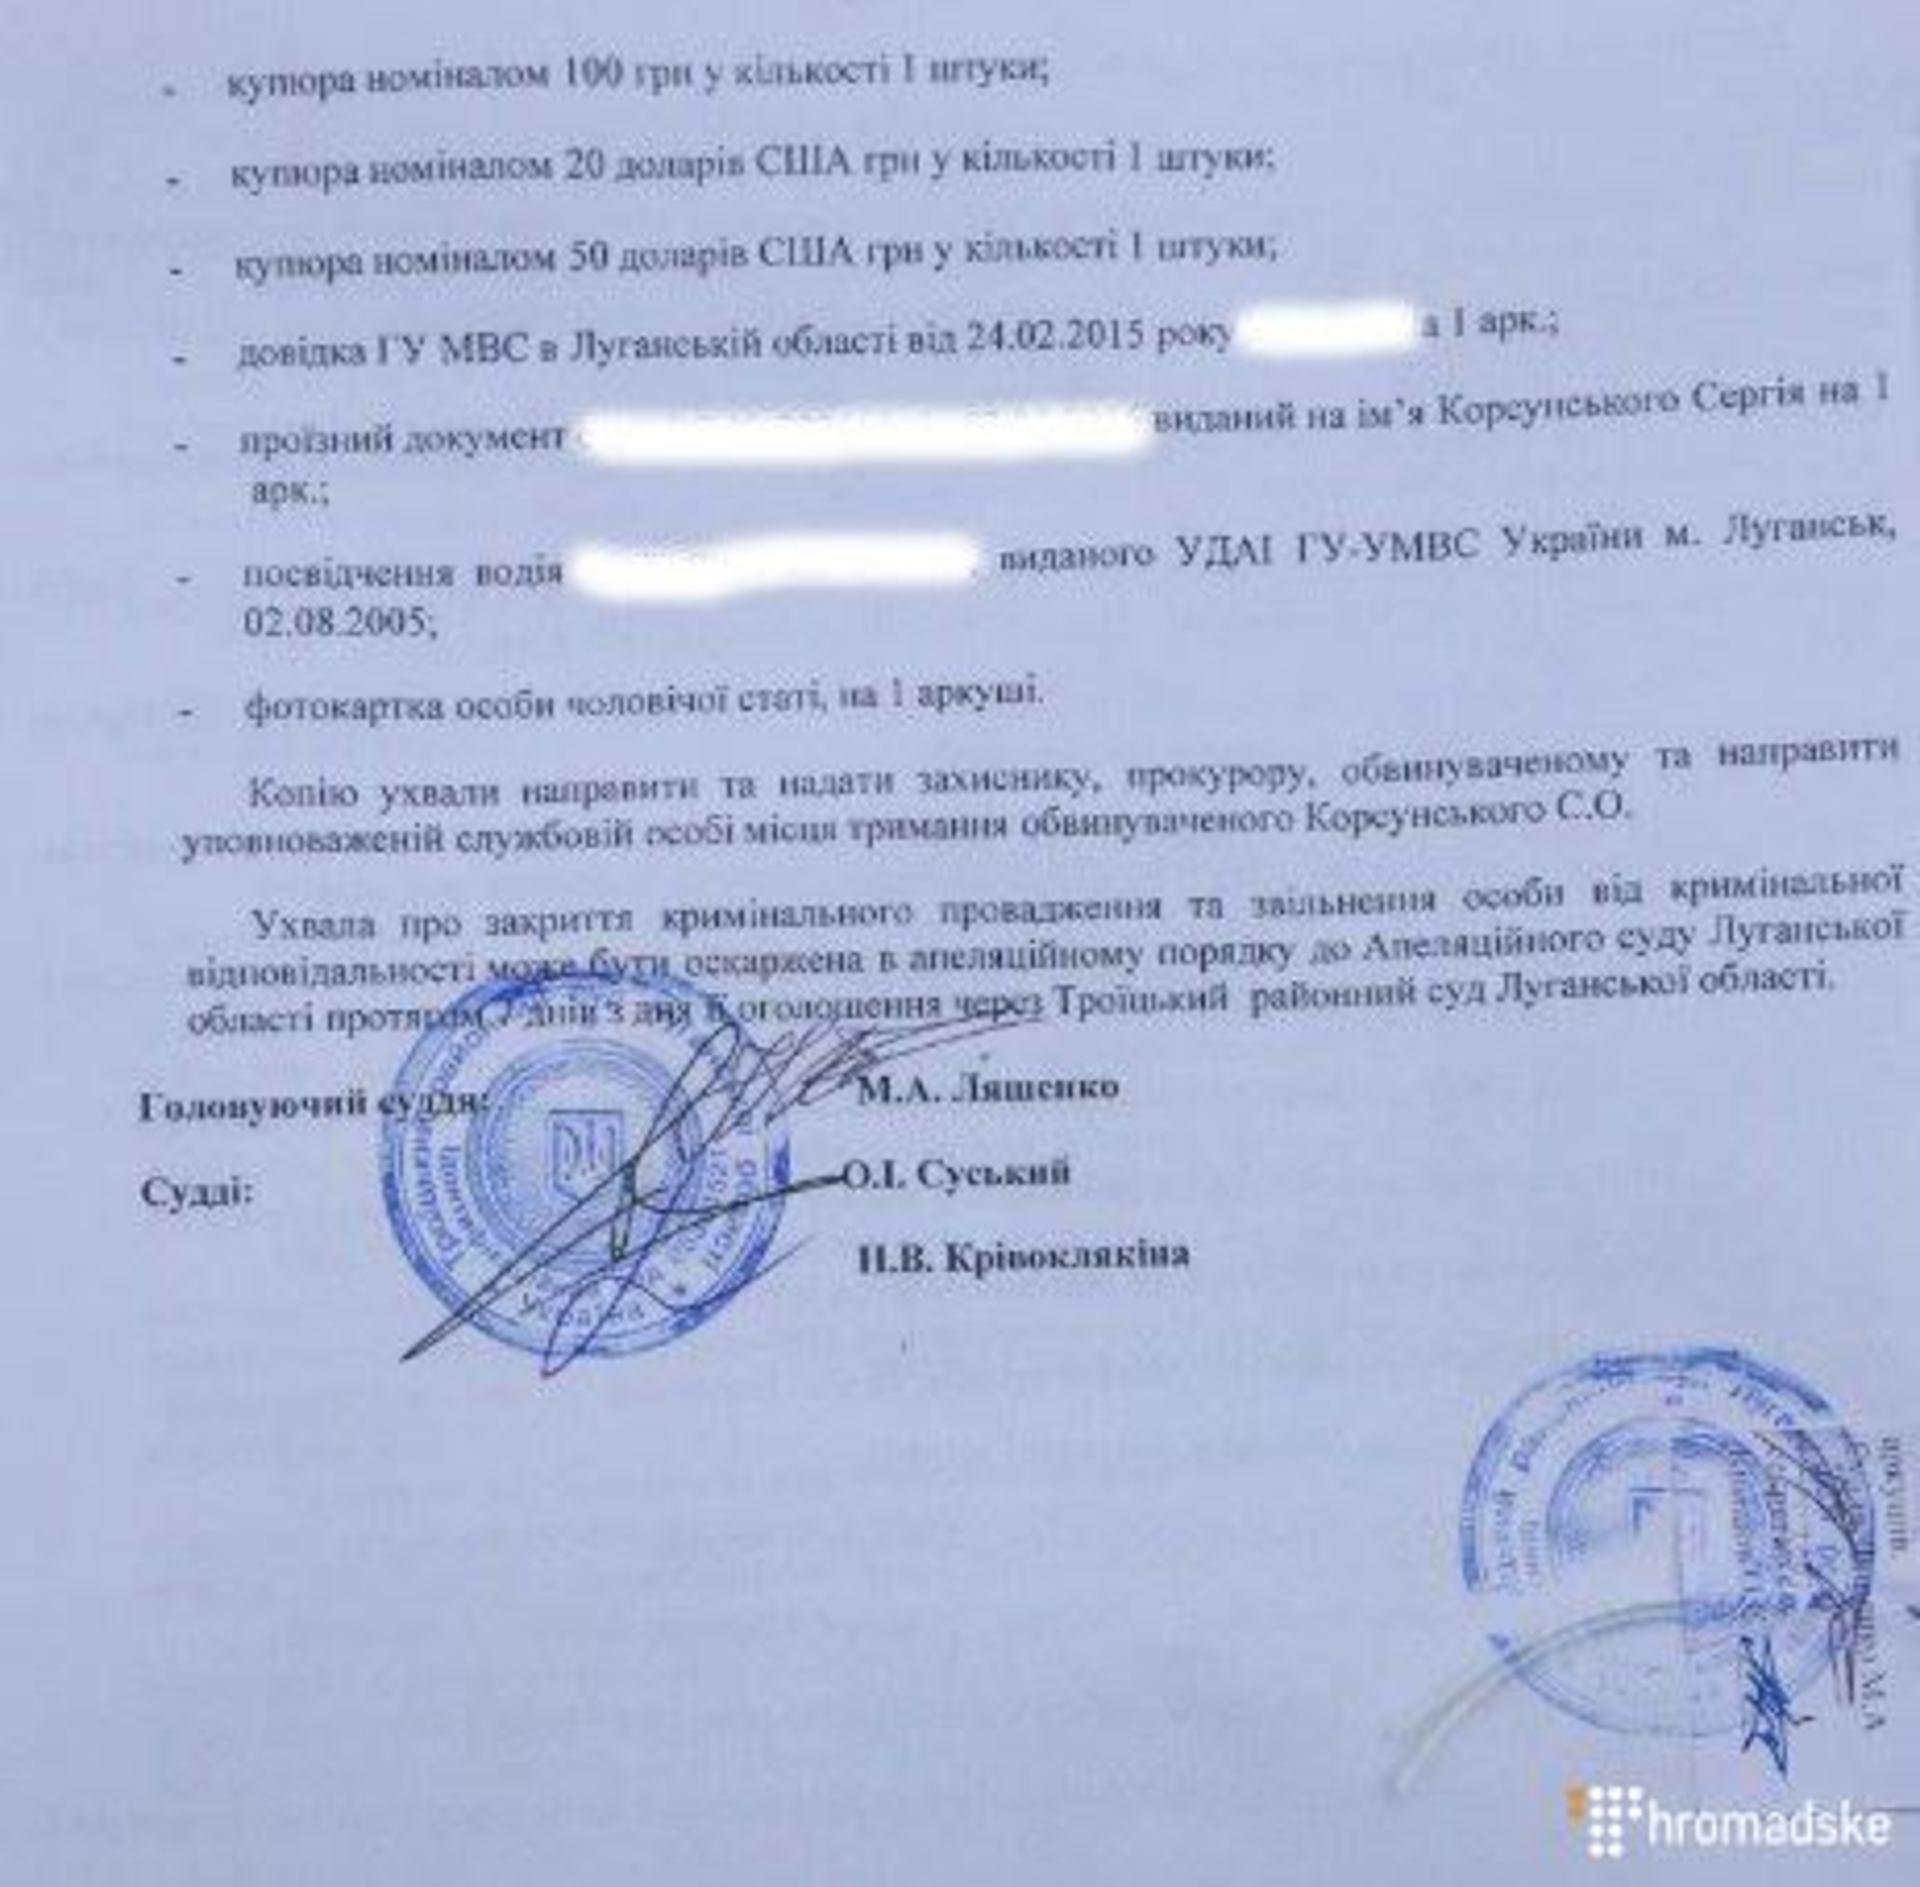 Суд в Луганской обл освободил обвиняемого в создании ЛНР - СМИ